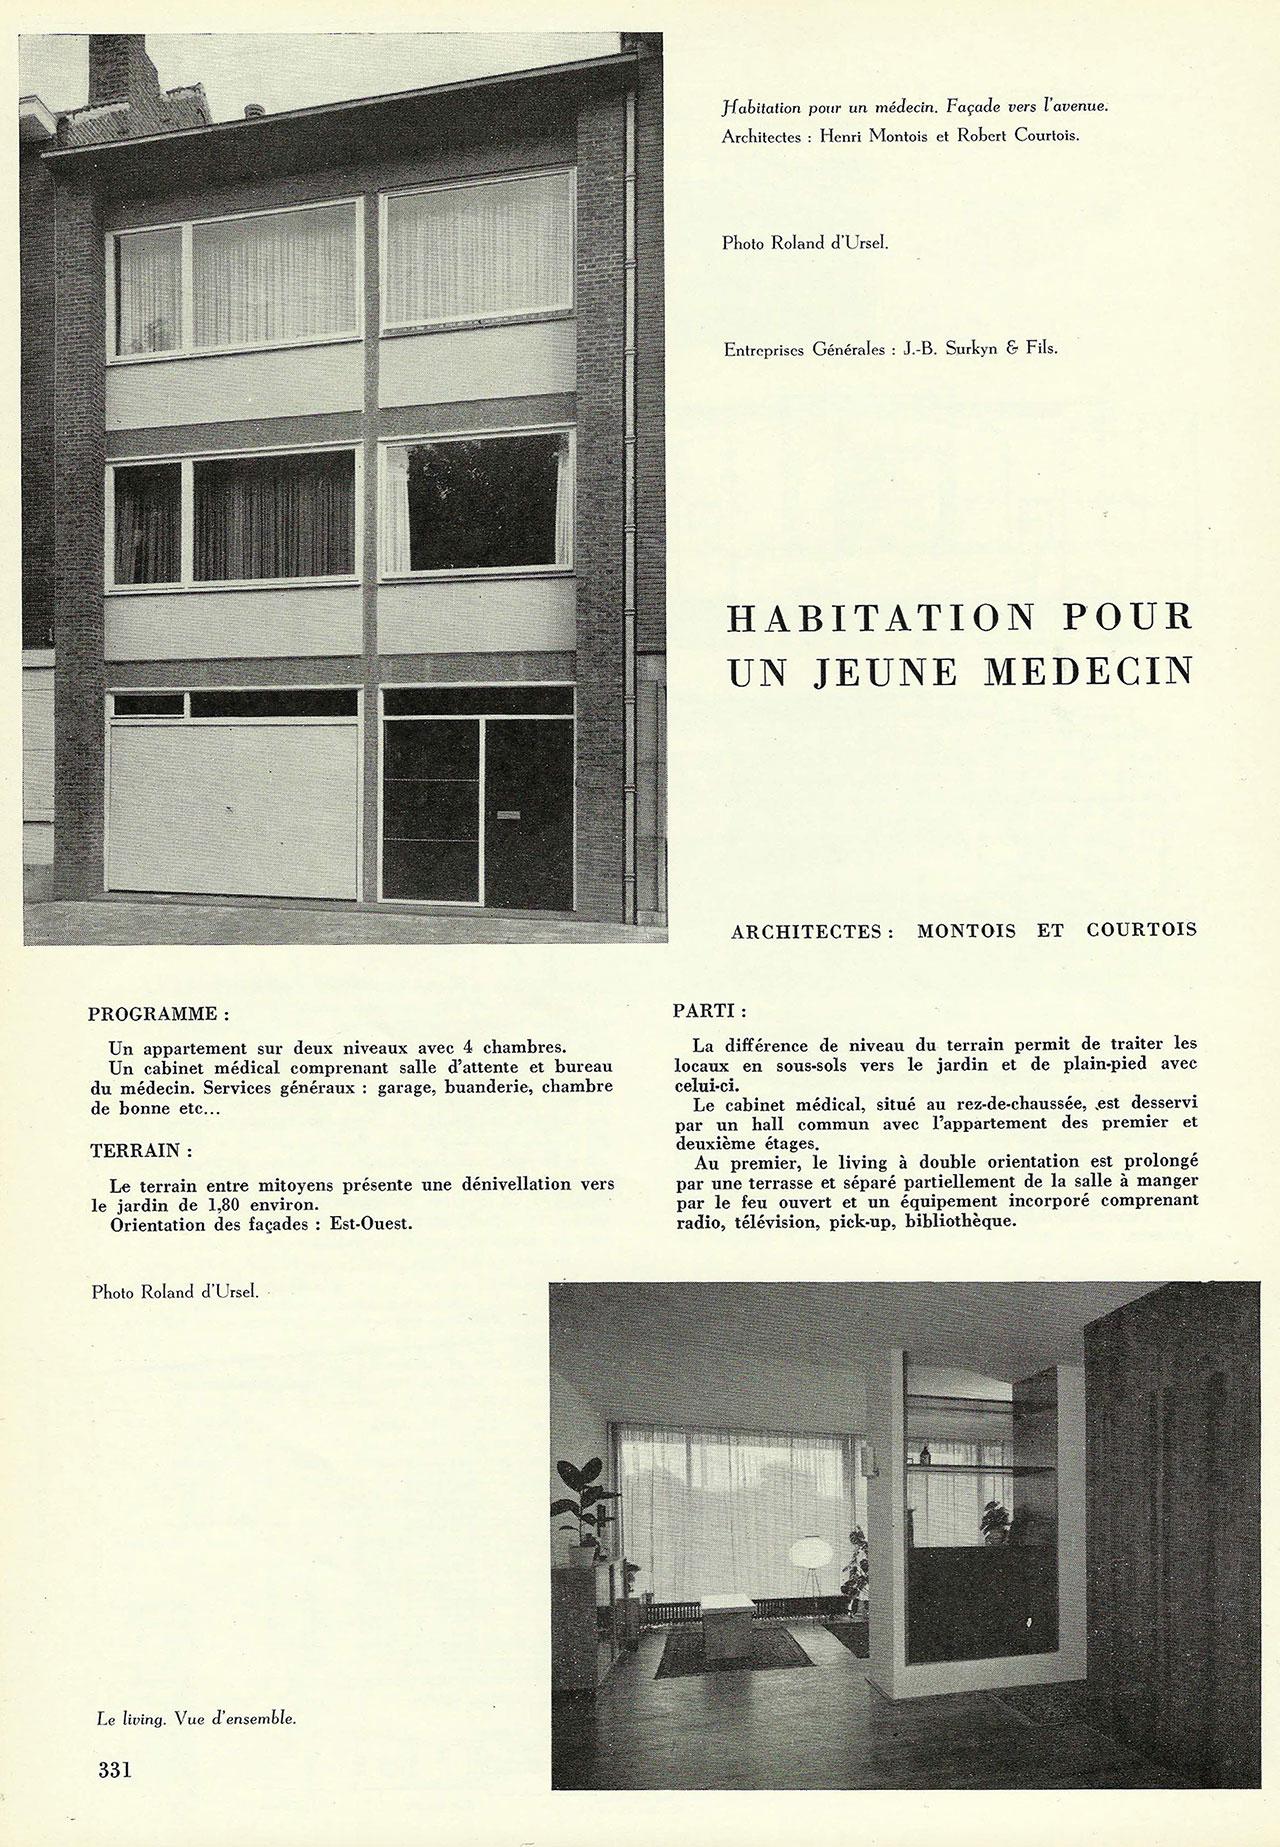 Habitation pour un jeune médecin